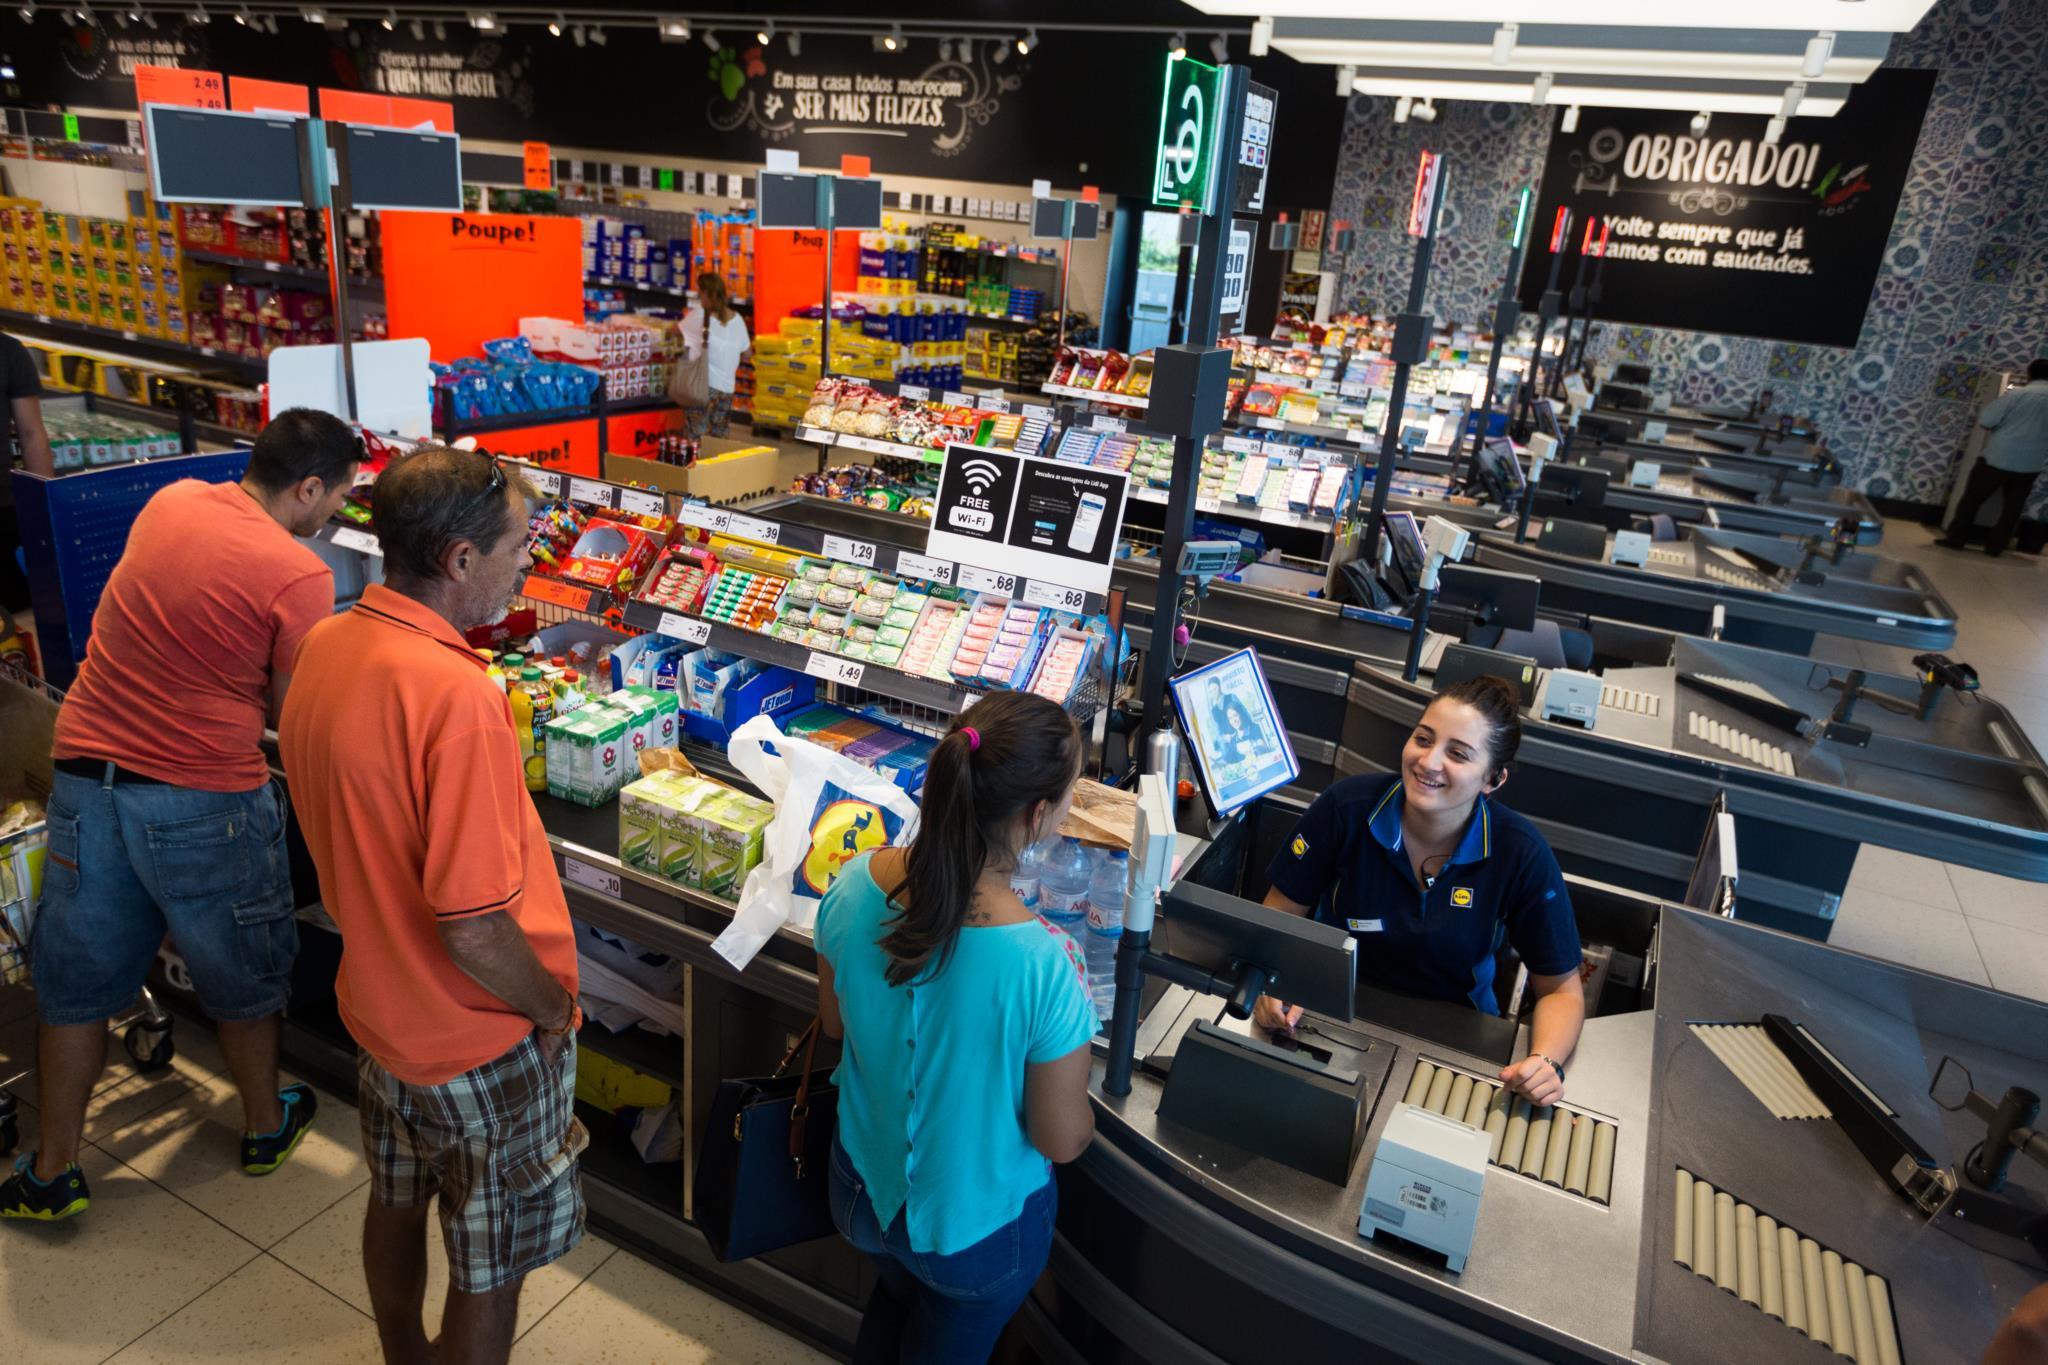 PÚBLICO - Economia terá crescido 1,3% em 2016, estima a Universidade Católica